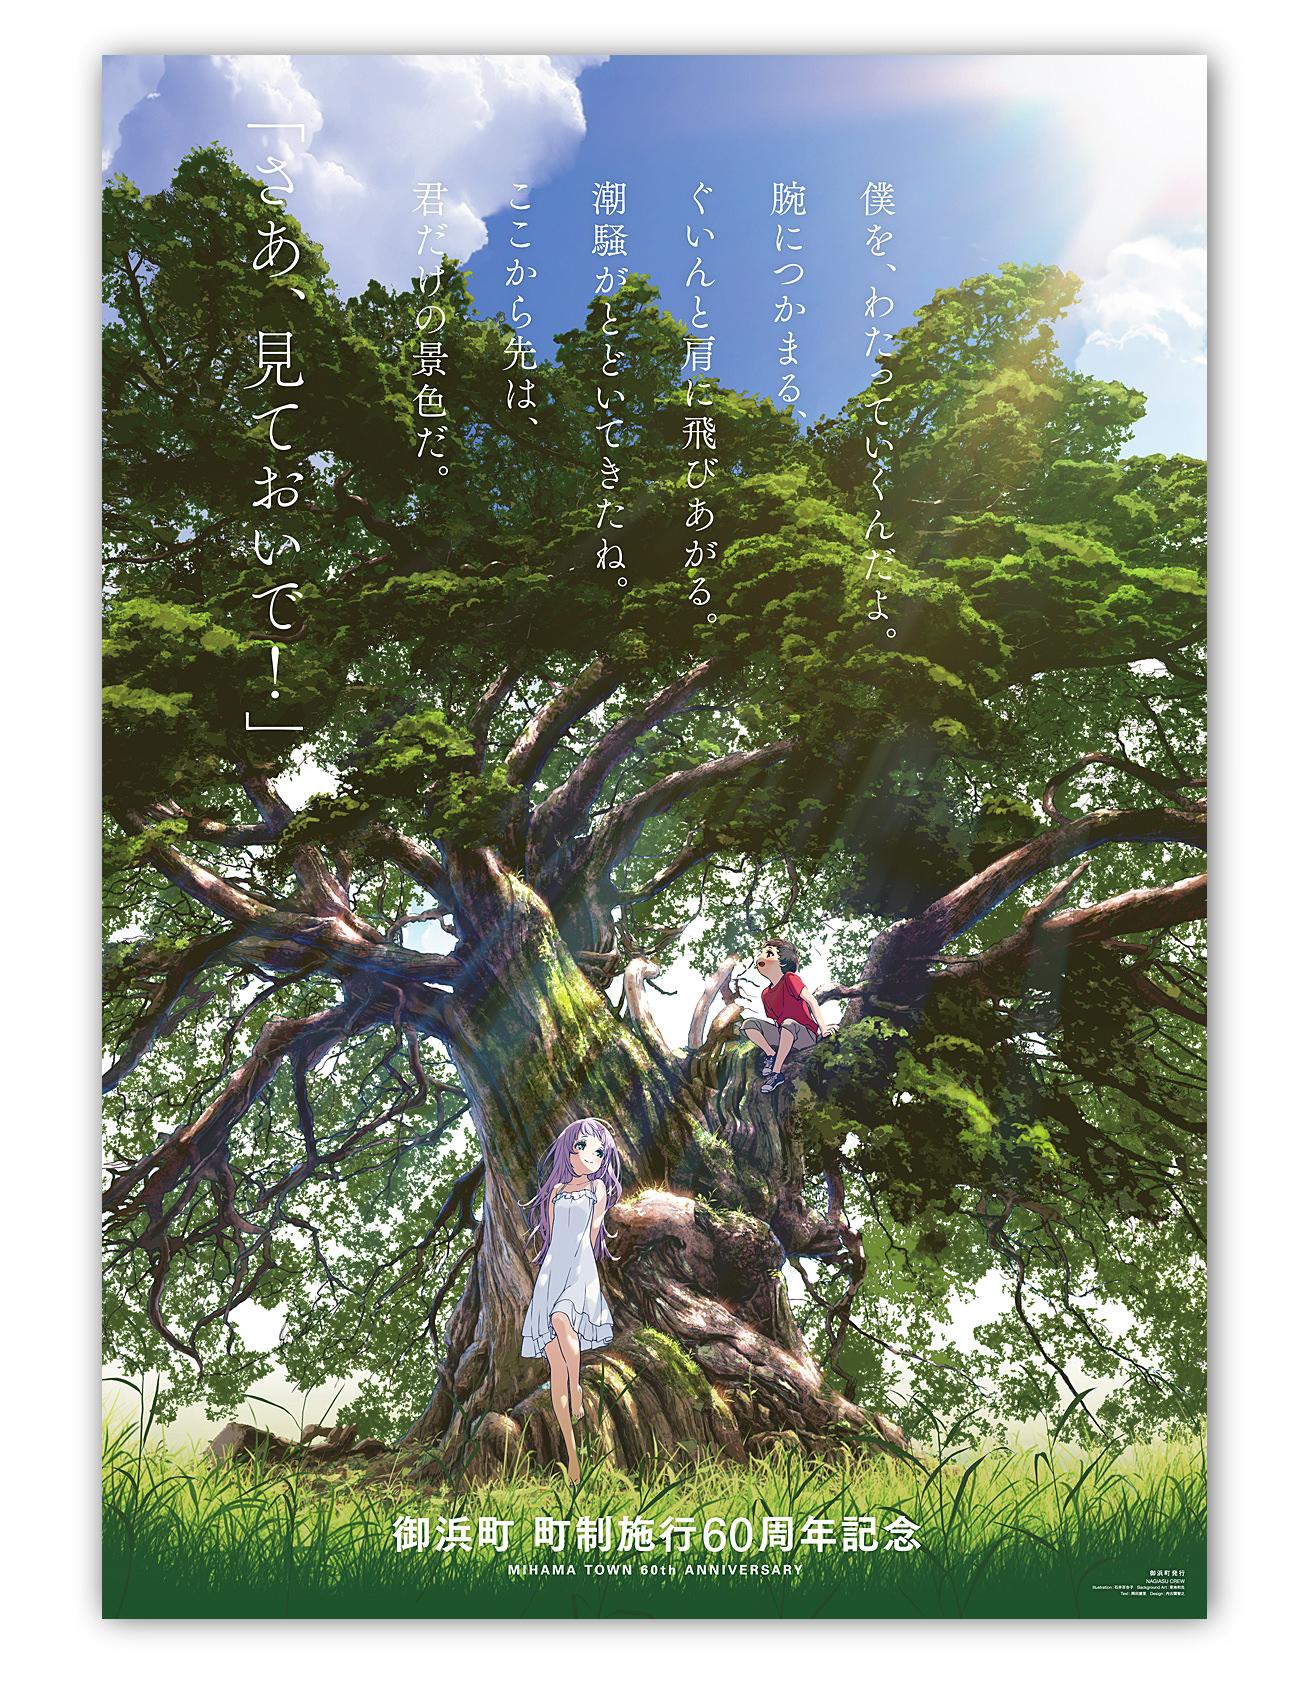 御浜町 町政施行60周年記念 | ポスター